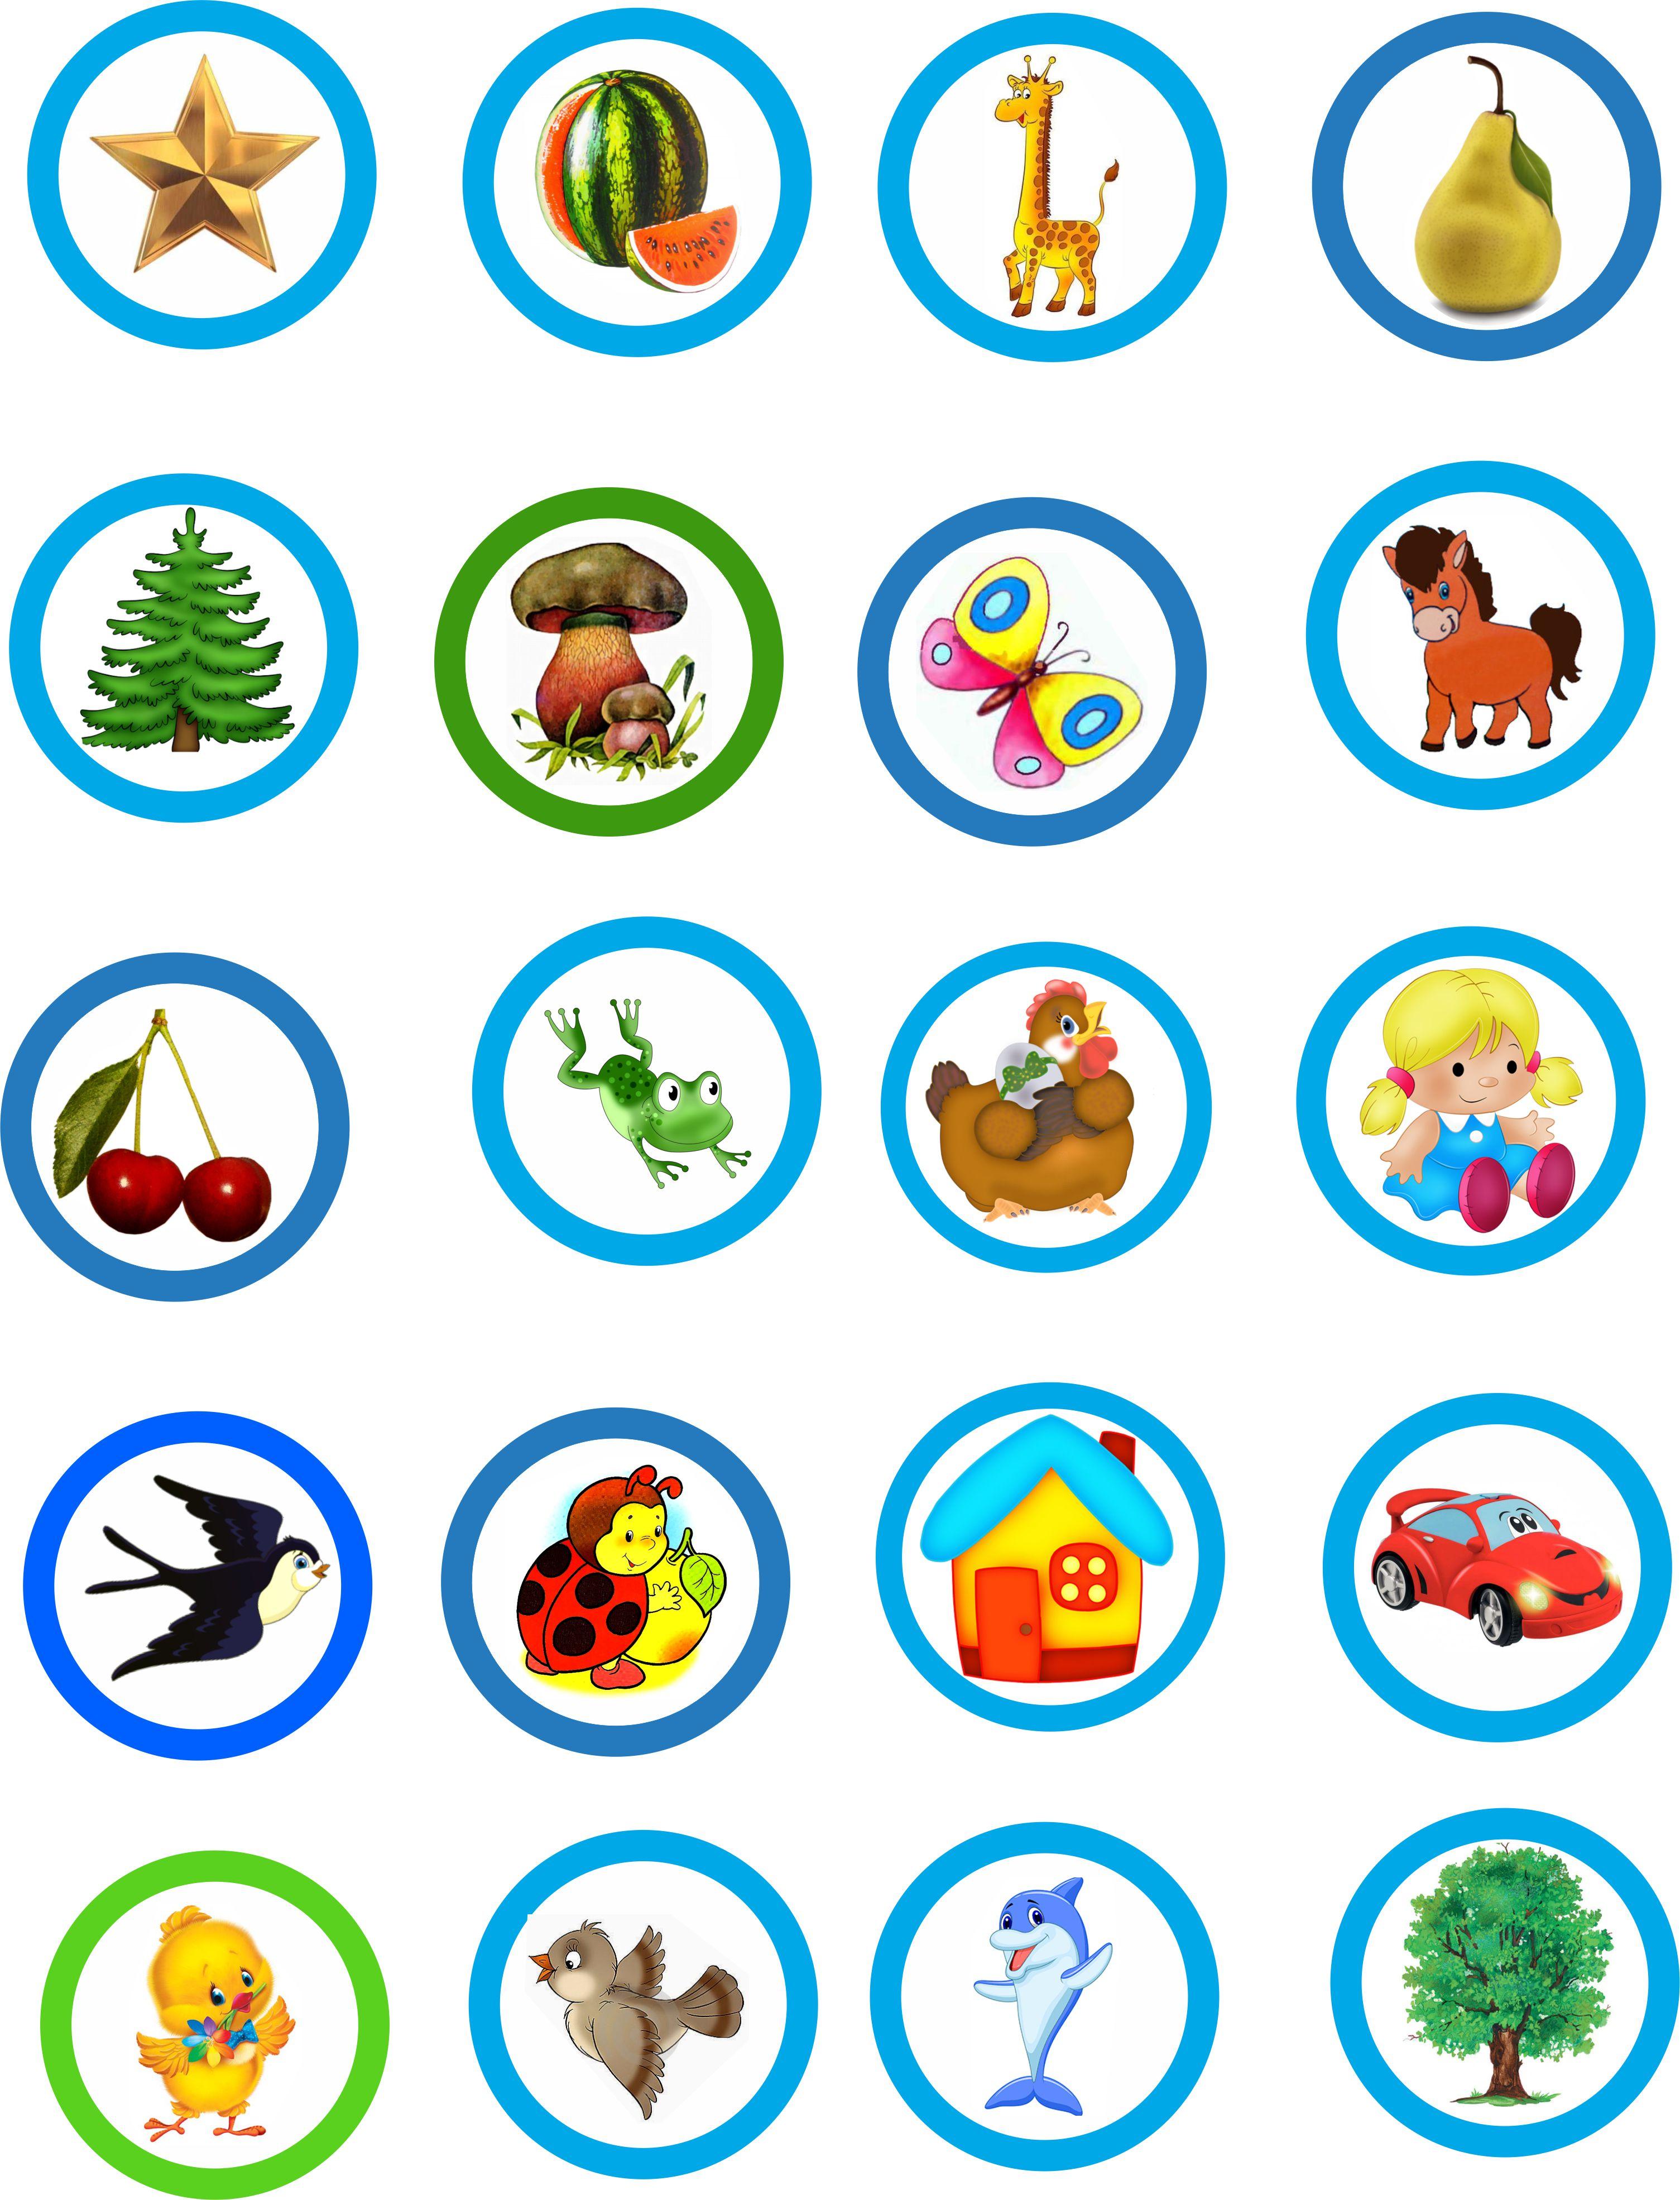 Картинки в круге для детского сада, как смешные